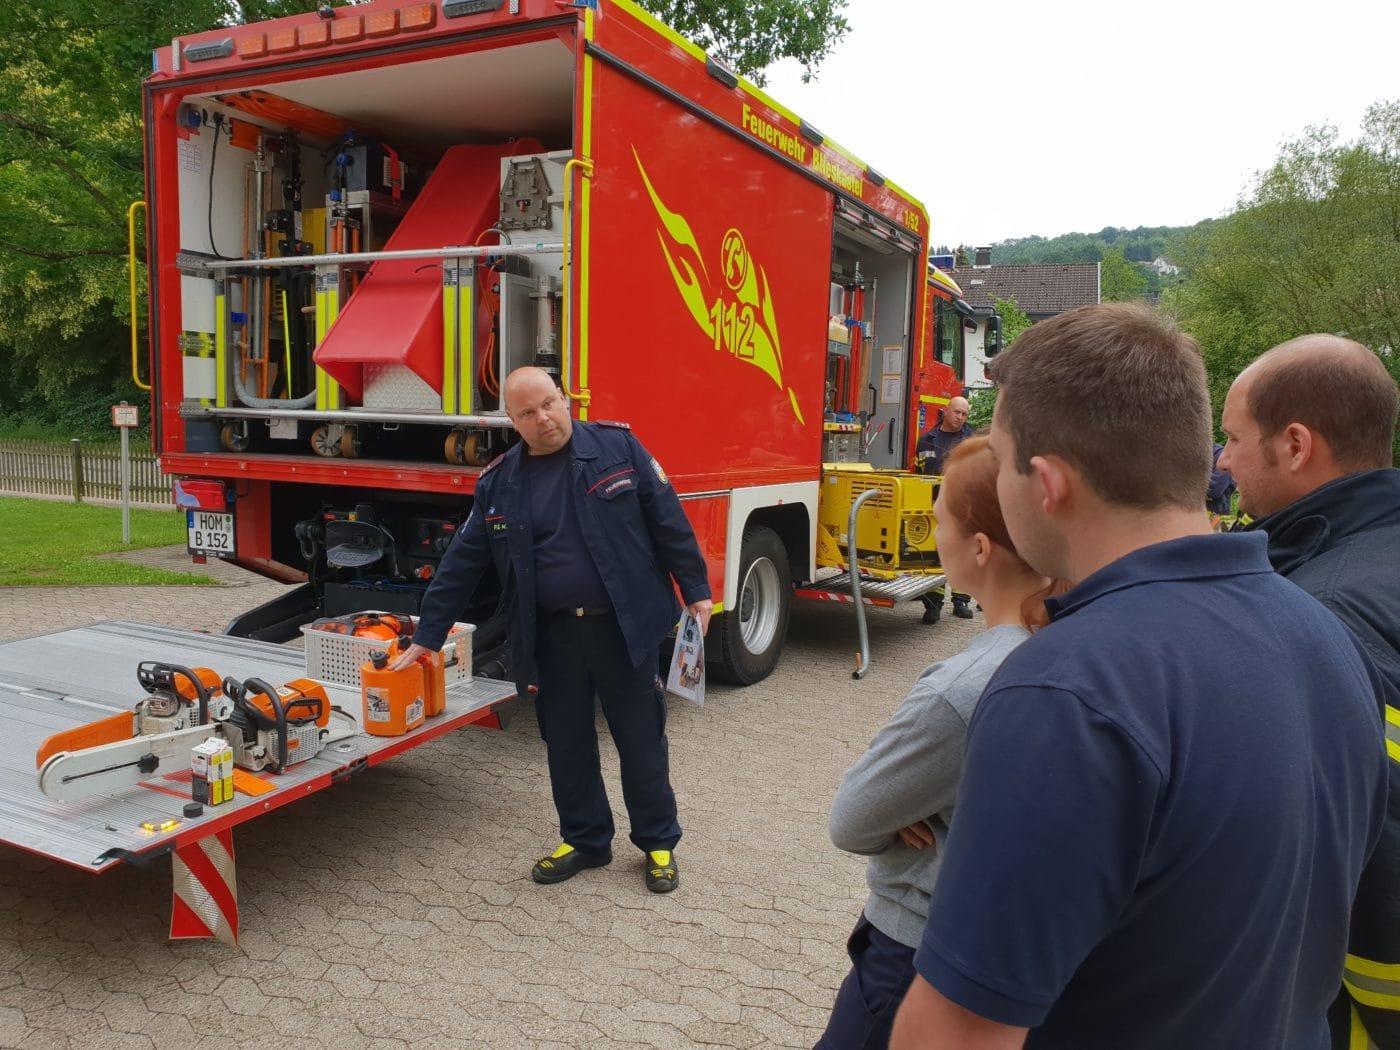 Gemeinsamer Maschinisten-Lehrgang der Feuerwehren Blieskastel und St. Ingbert